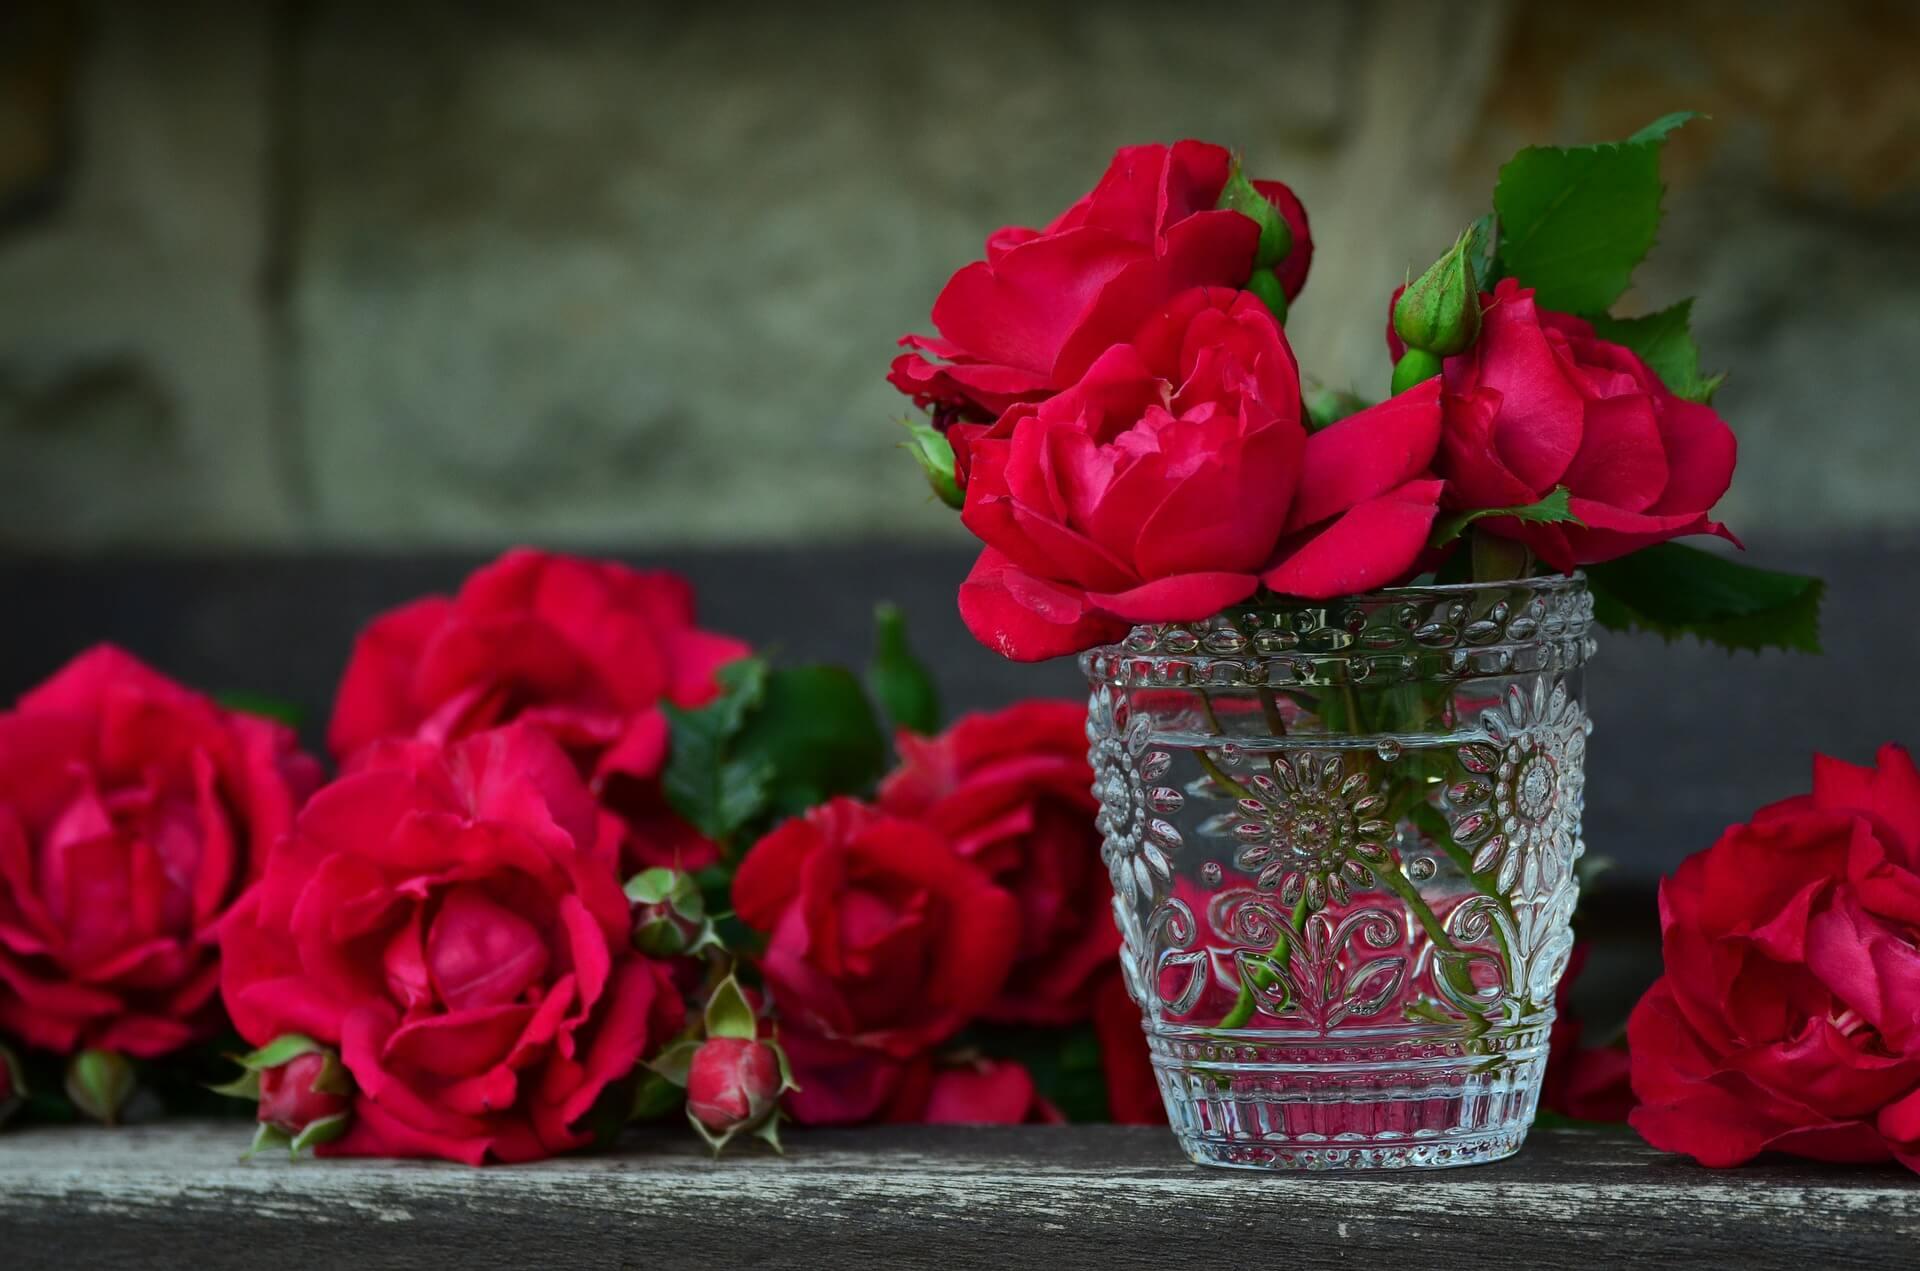 Floristería en Higuera de la Sierra envío a Domicilio Gratis